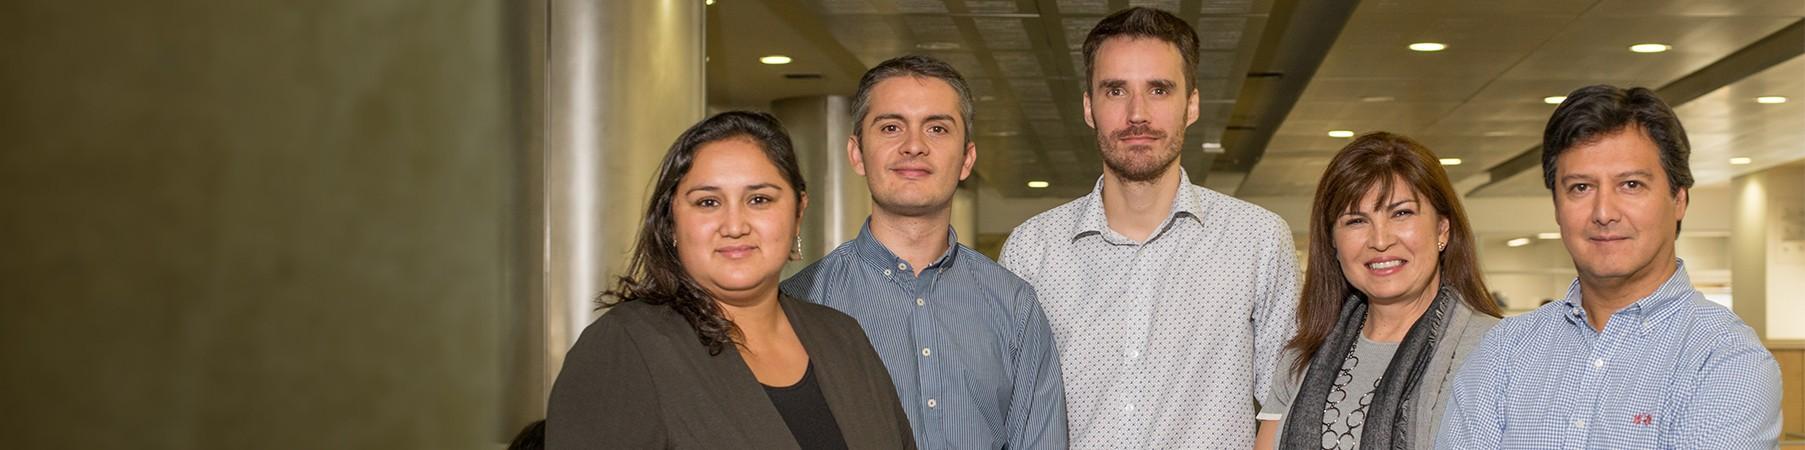 Innovación digital y servicios especializados para empresas con soluciones SAP.